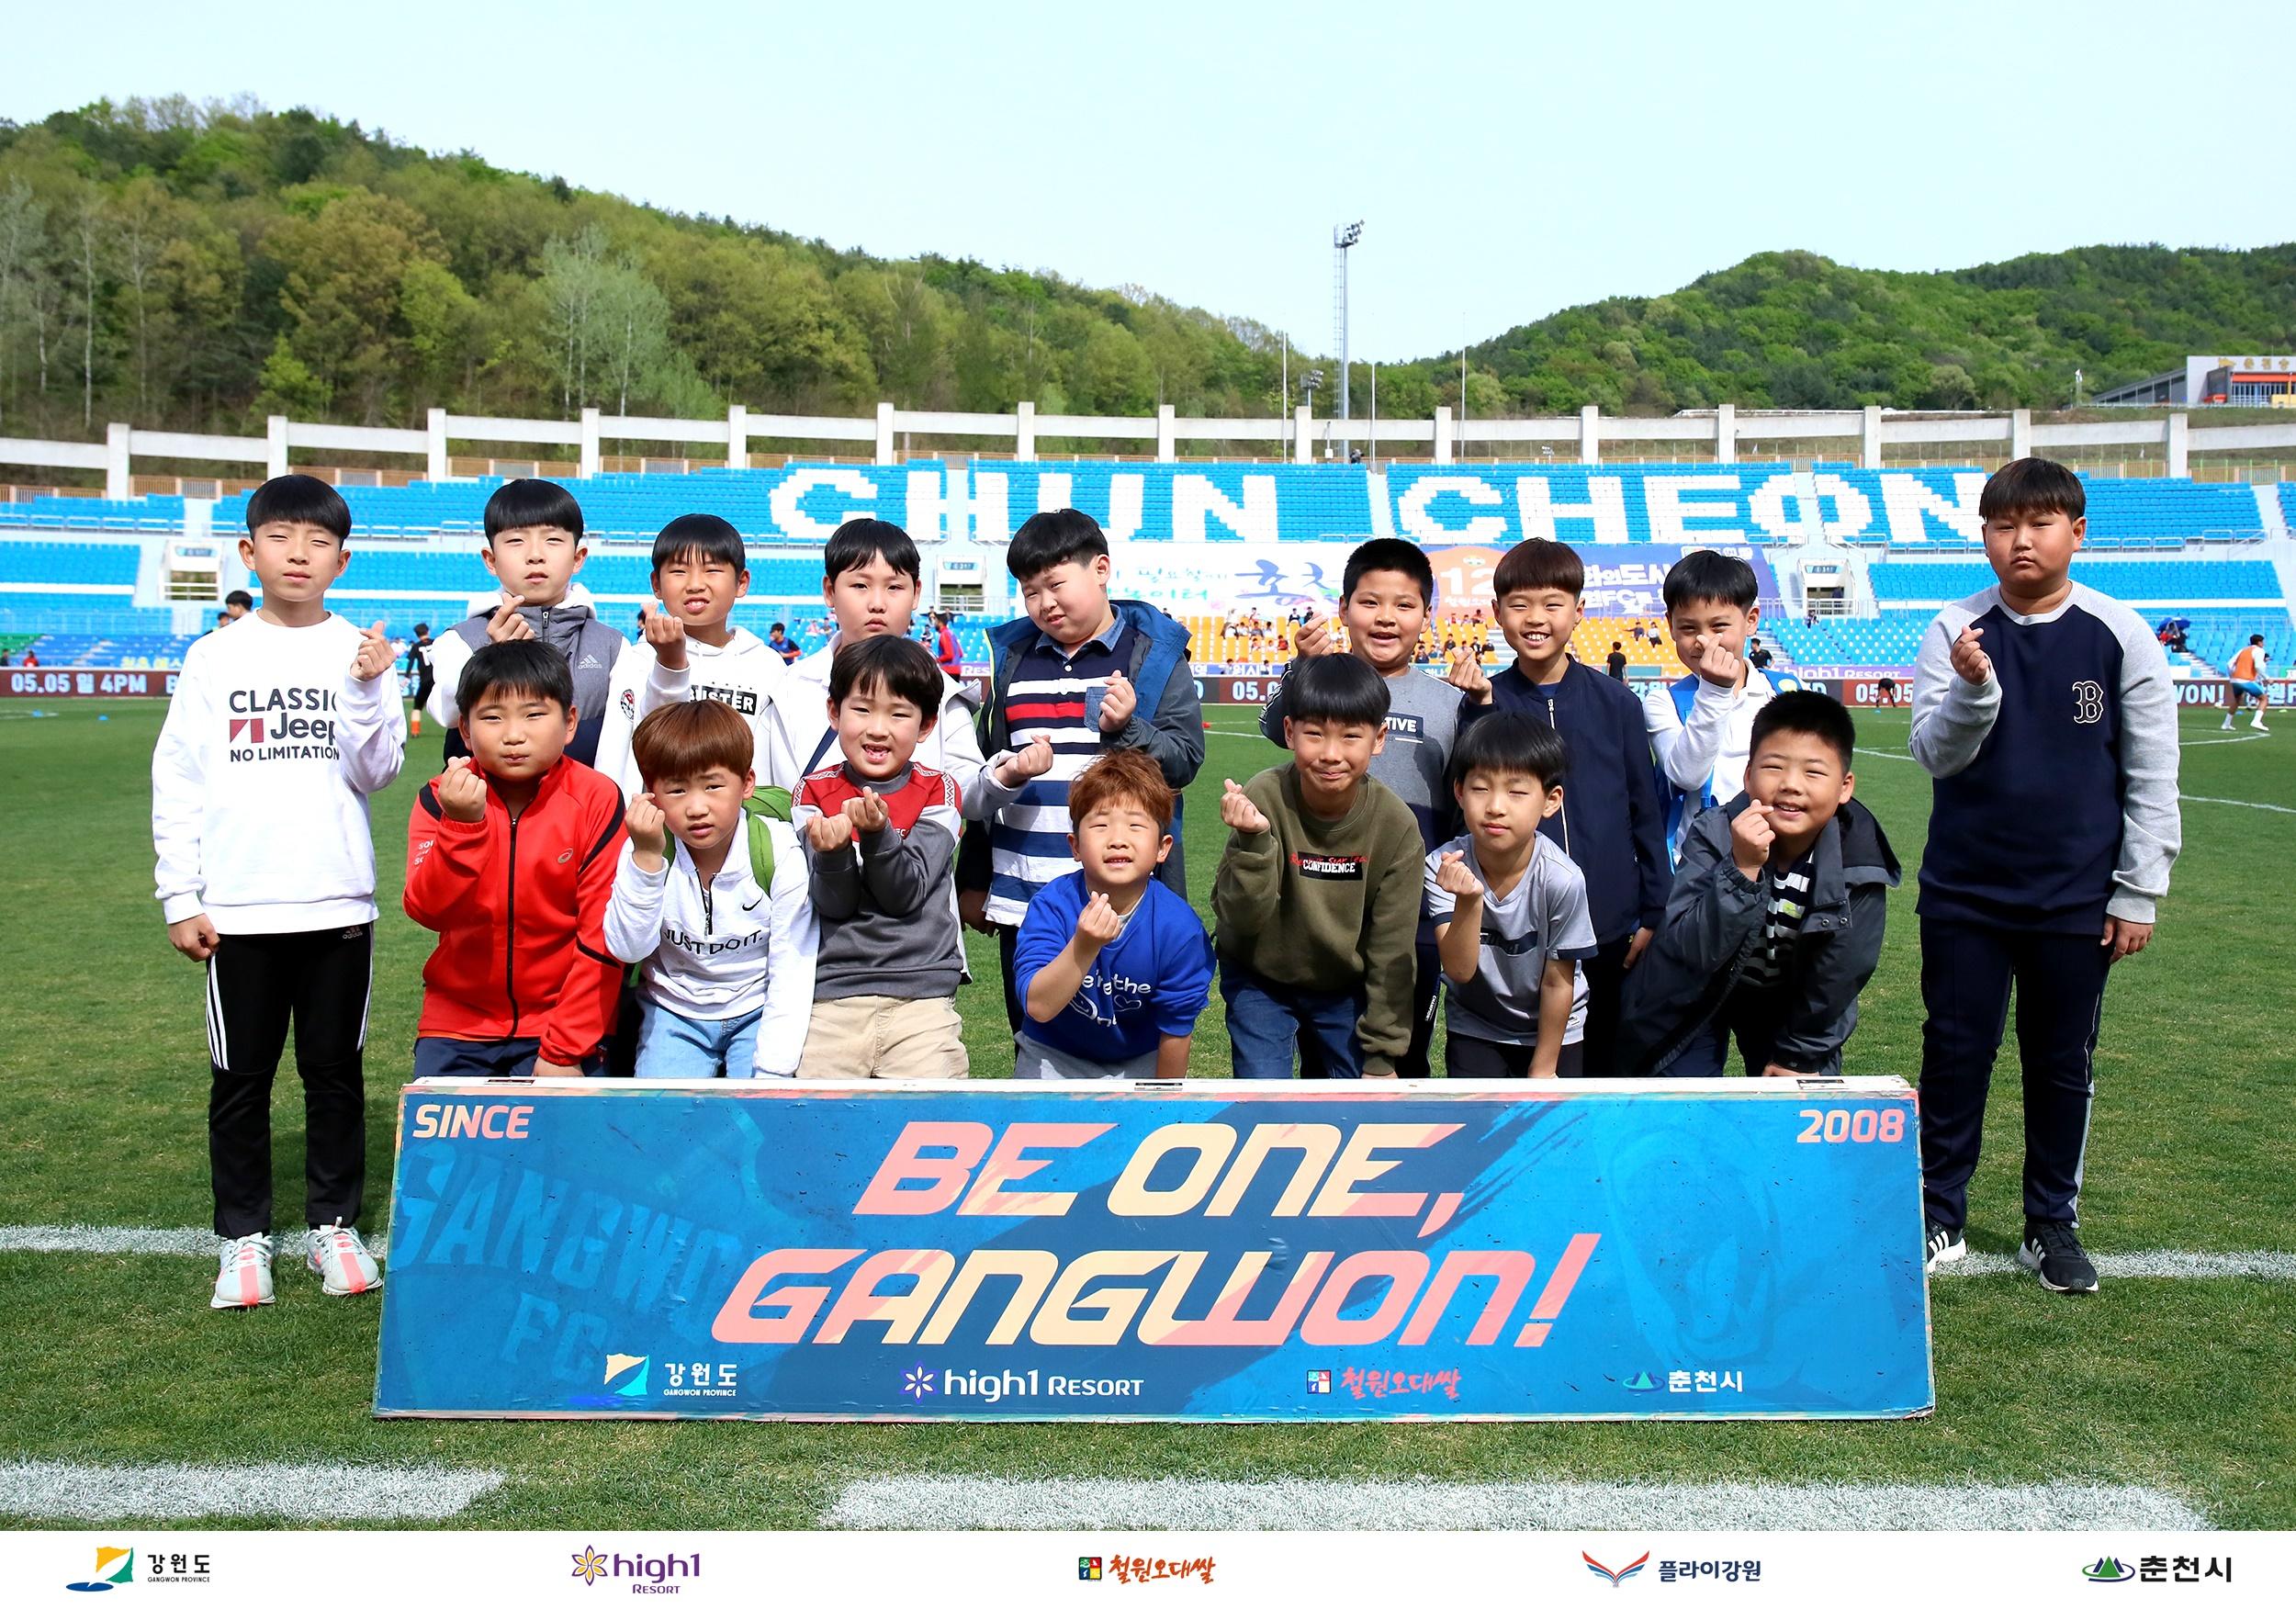 강원FC, 지난 홈경기 지역 축제 참여 및 어린이 초청 이벤트 펼쳐